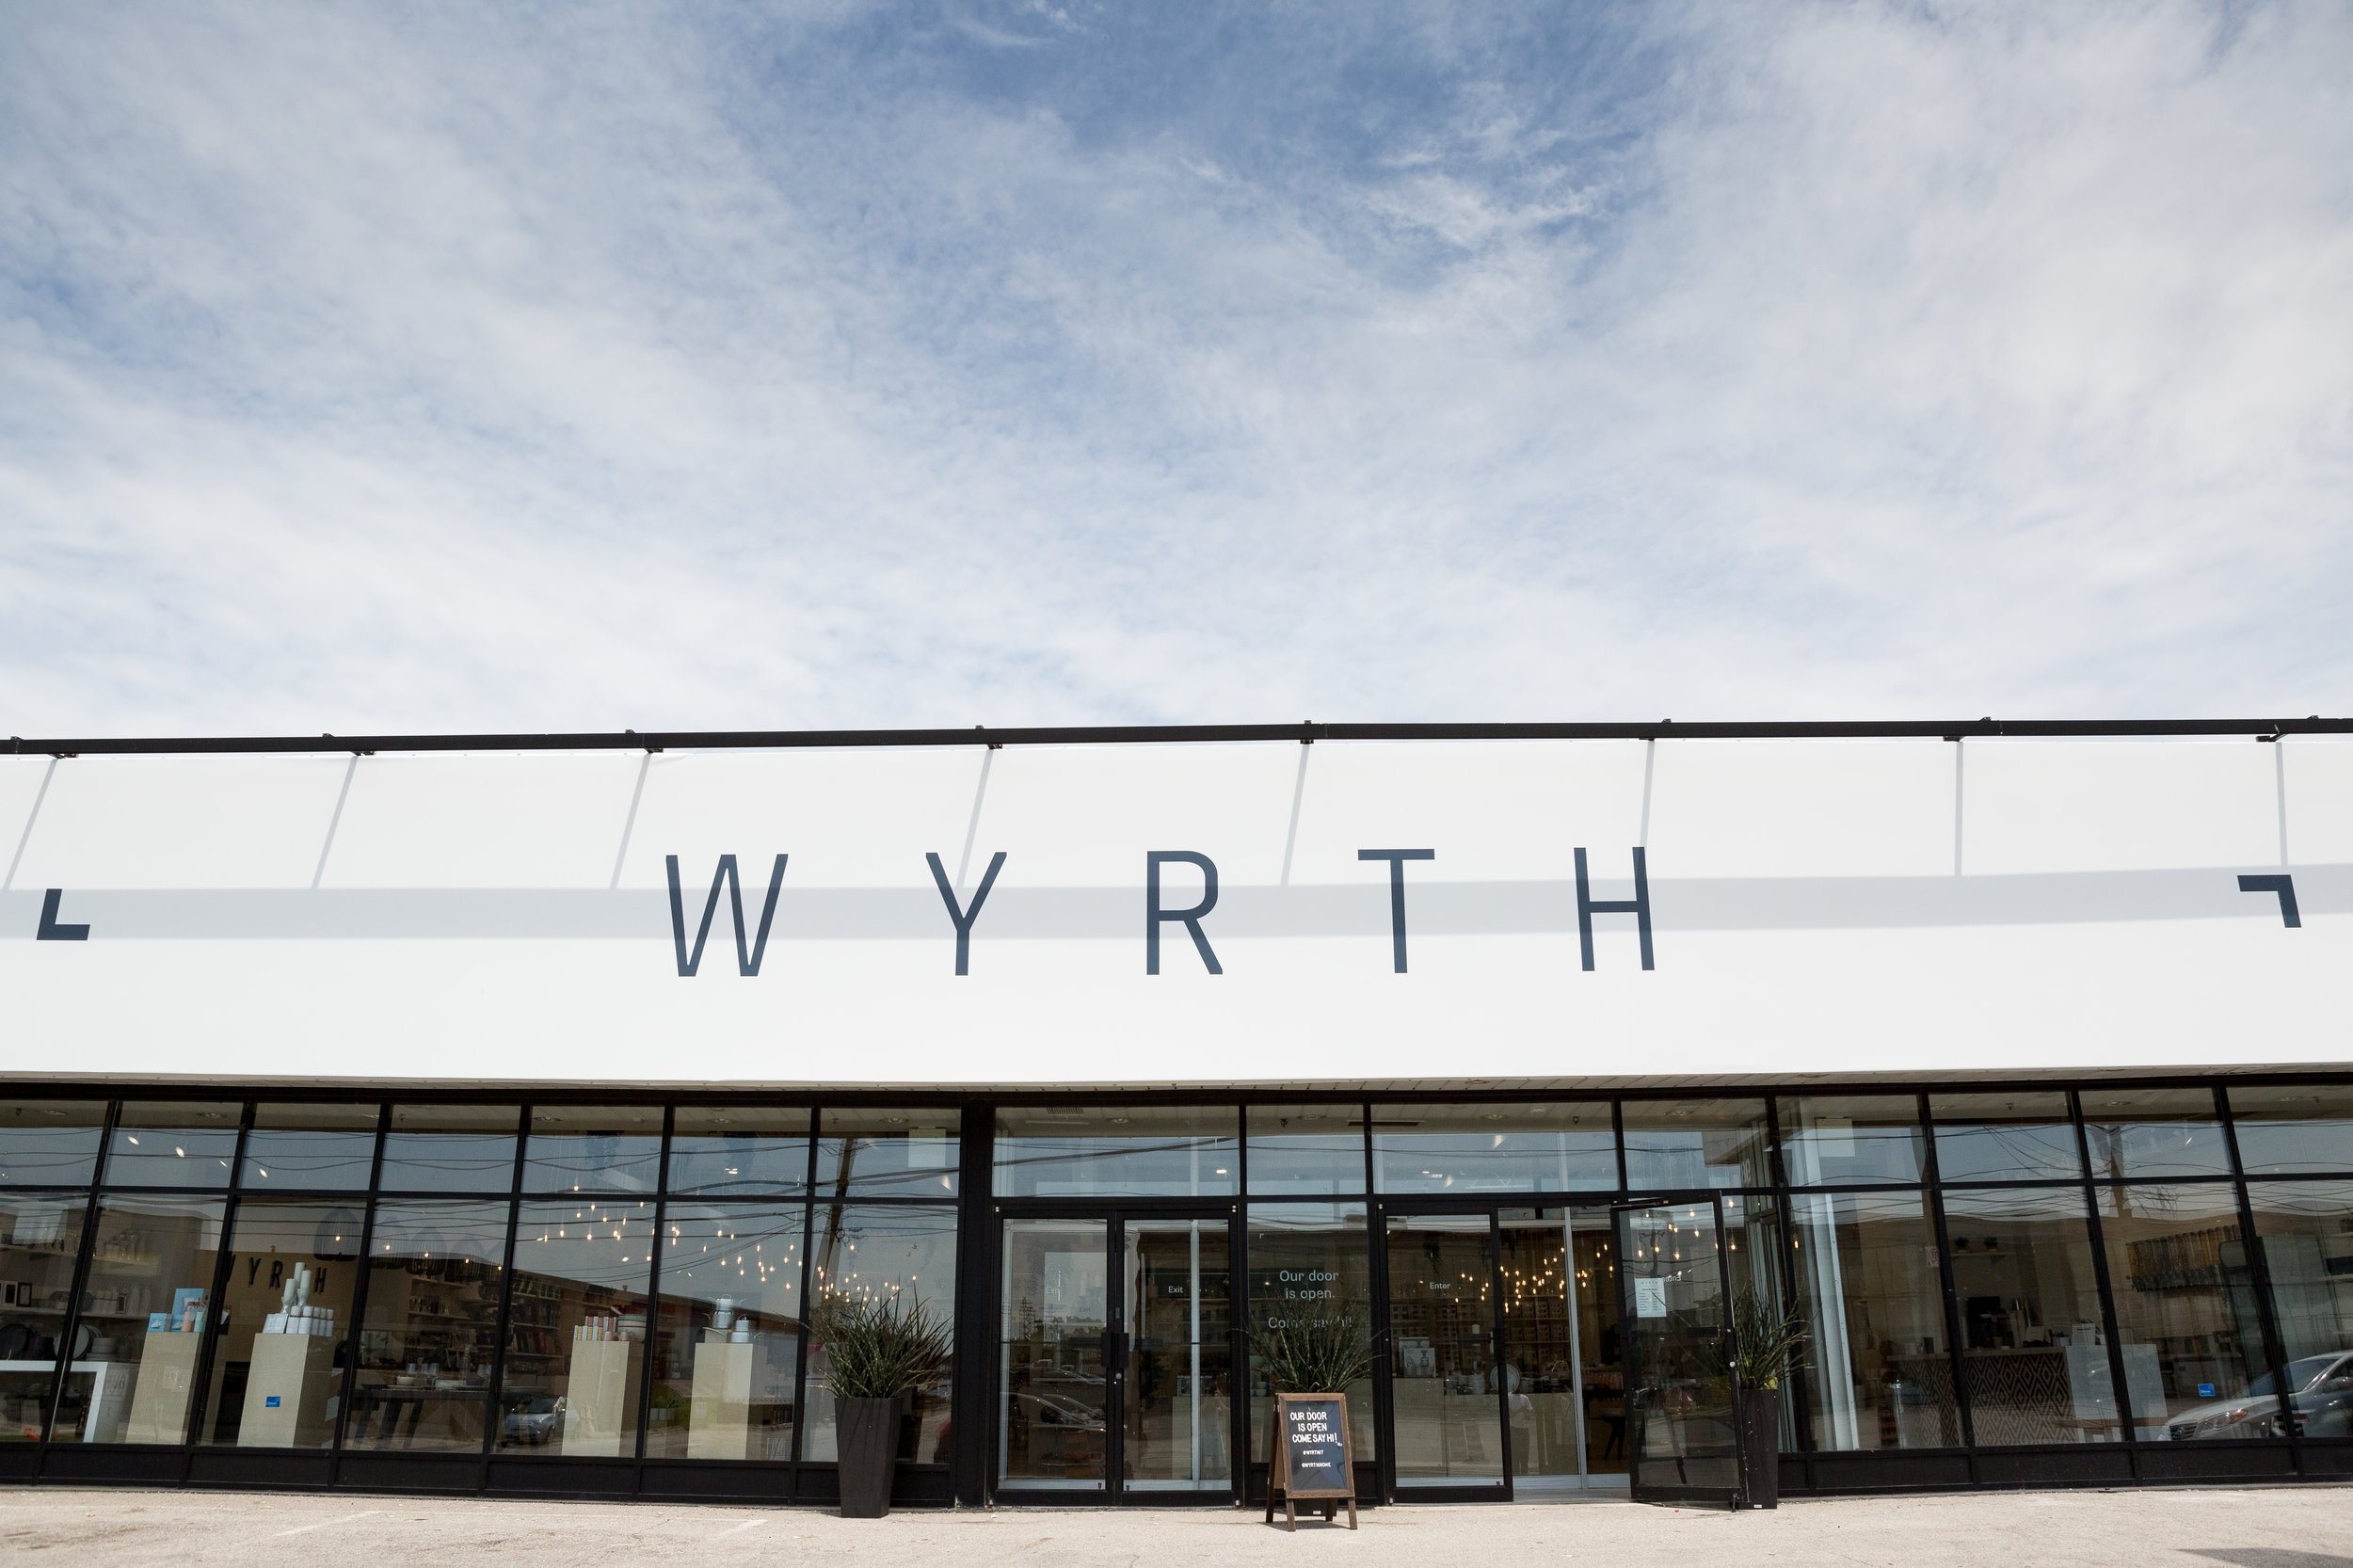 PHOTO: WYRTH